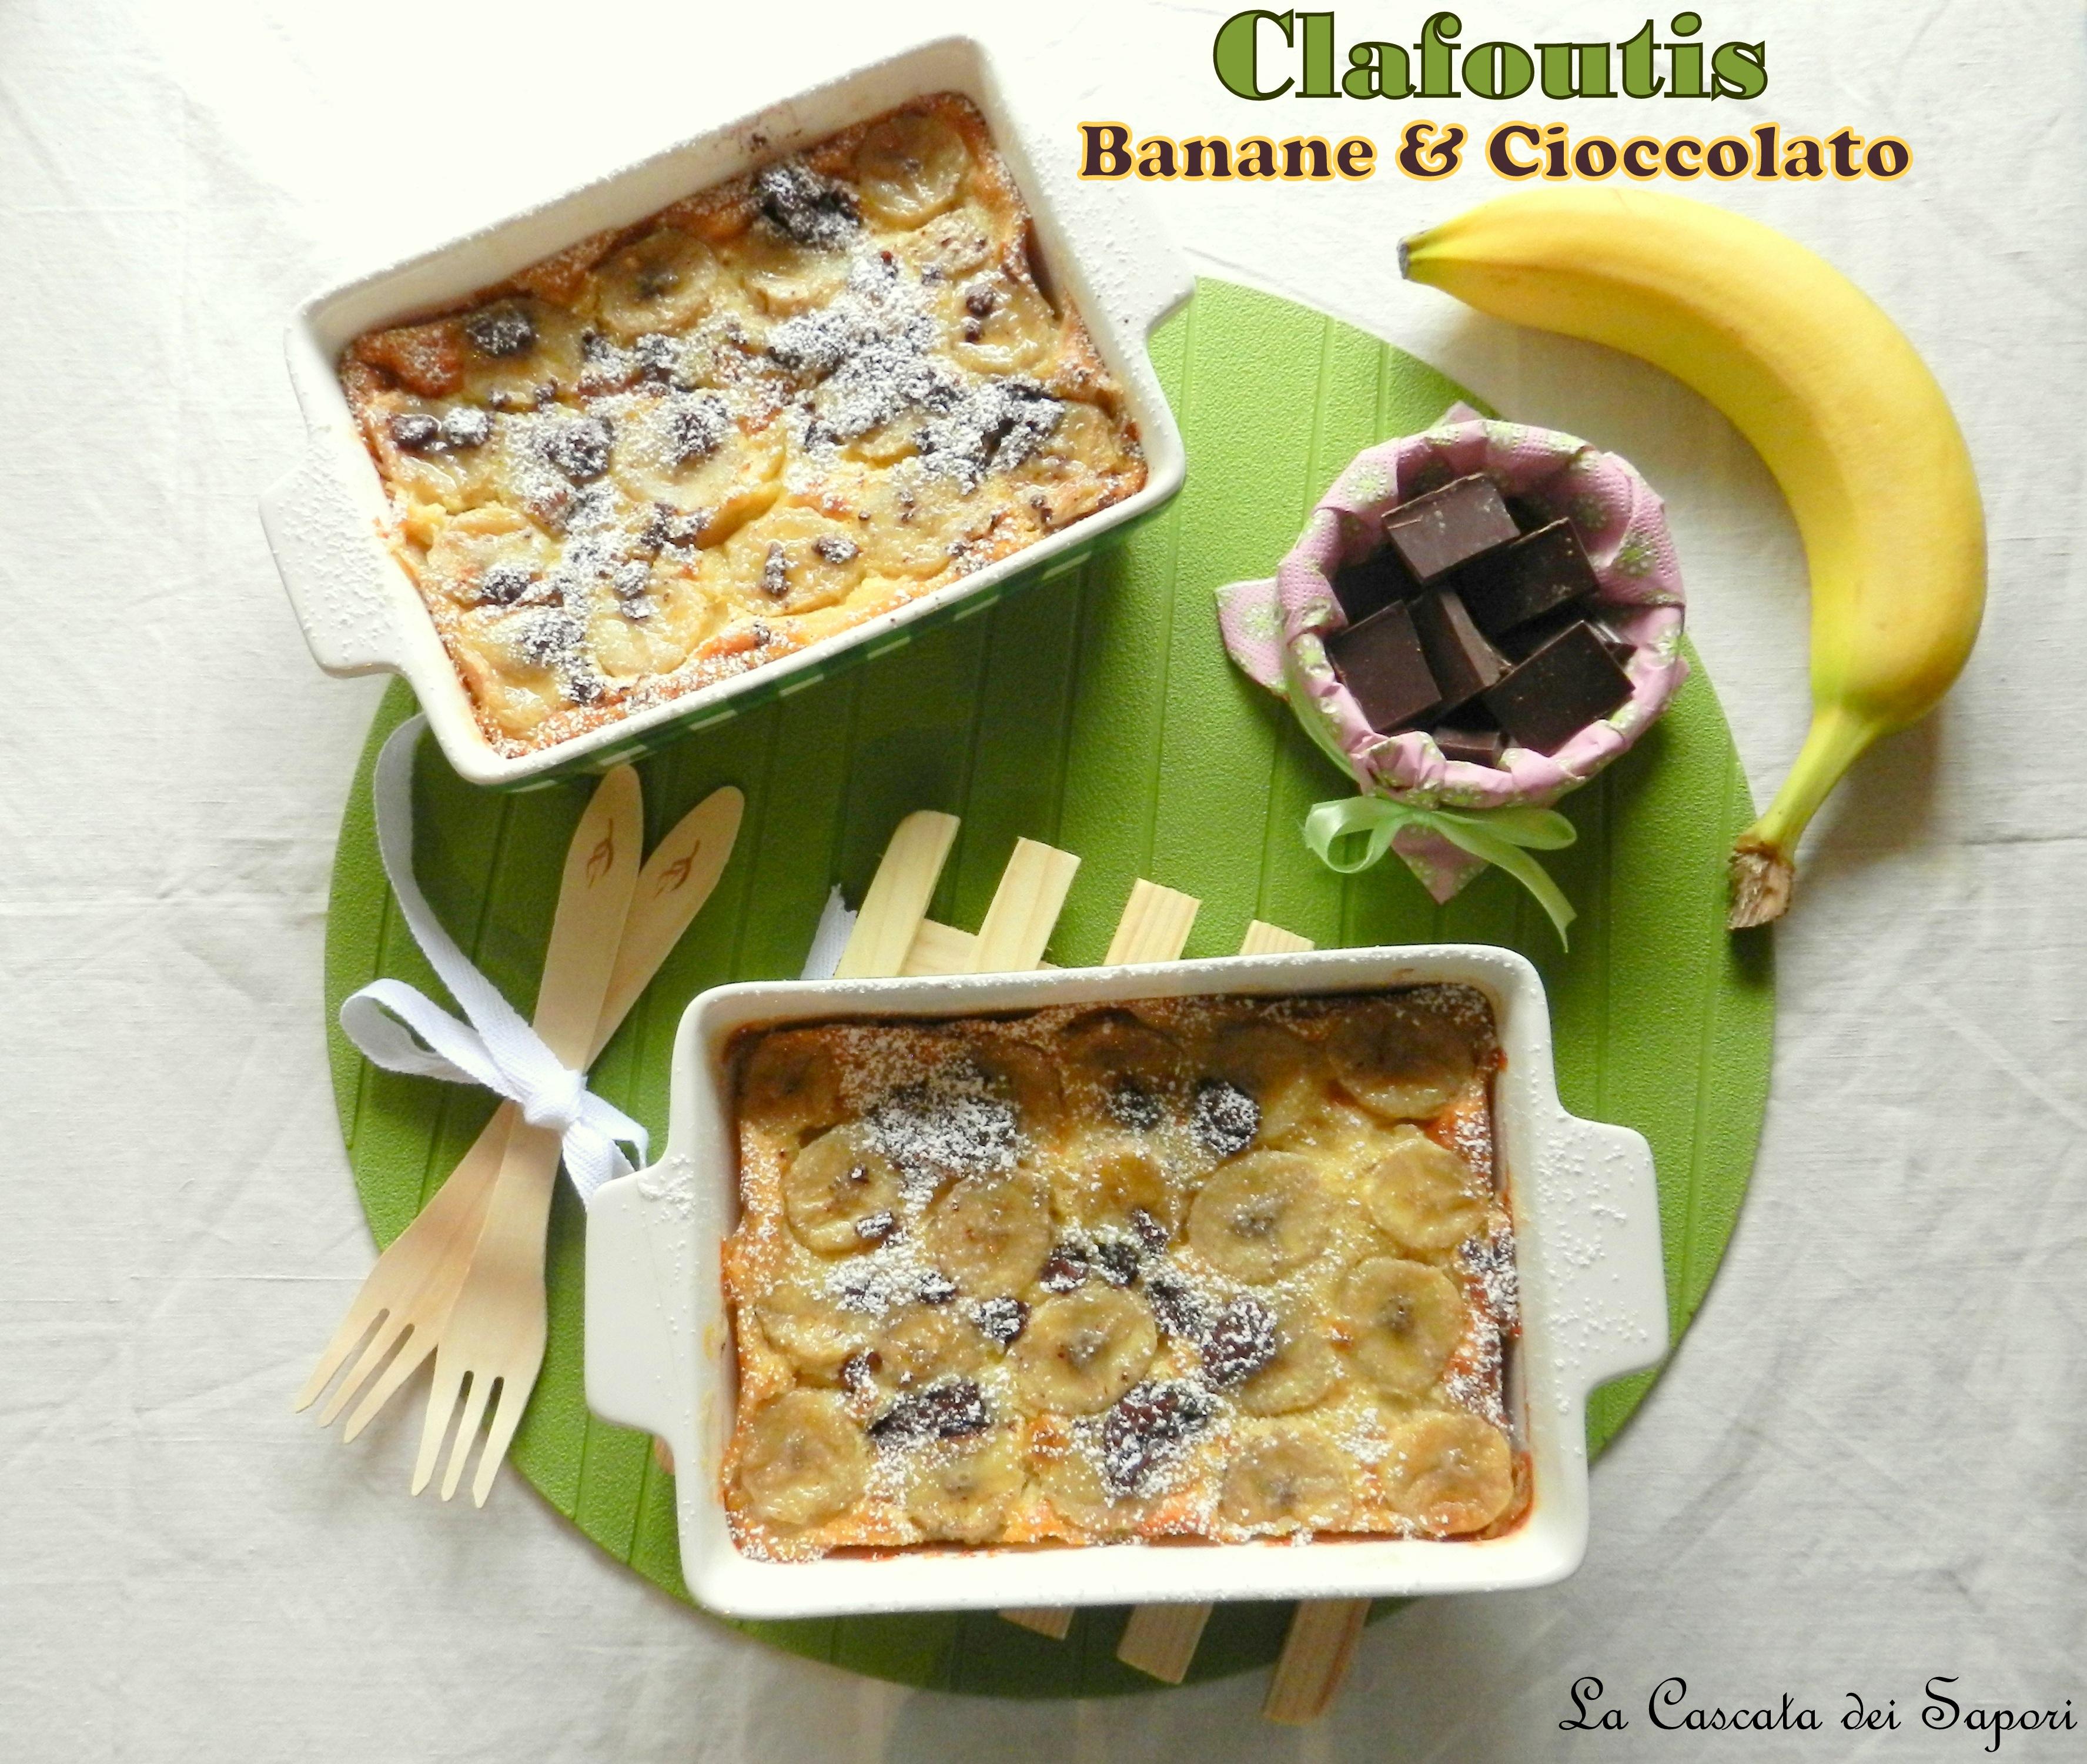 Clafoutis Banane & Cioccolato